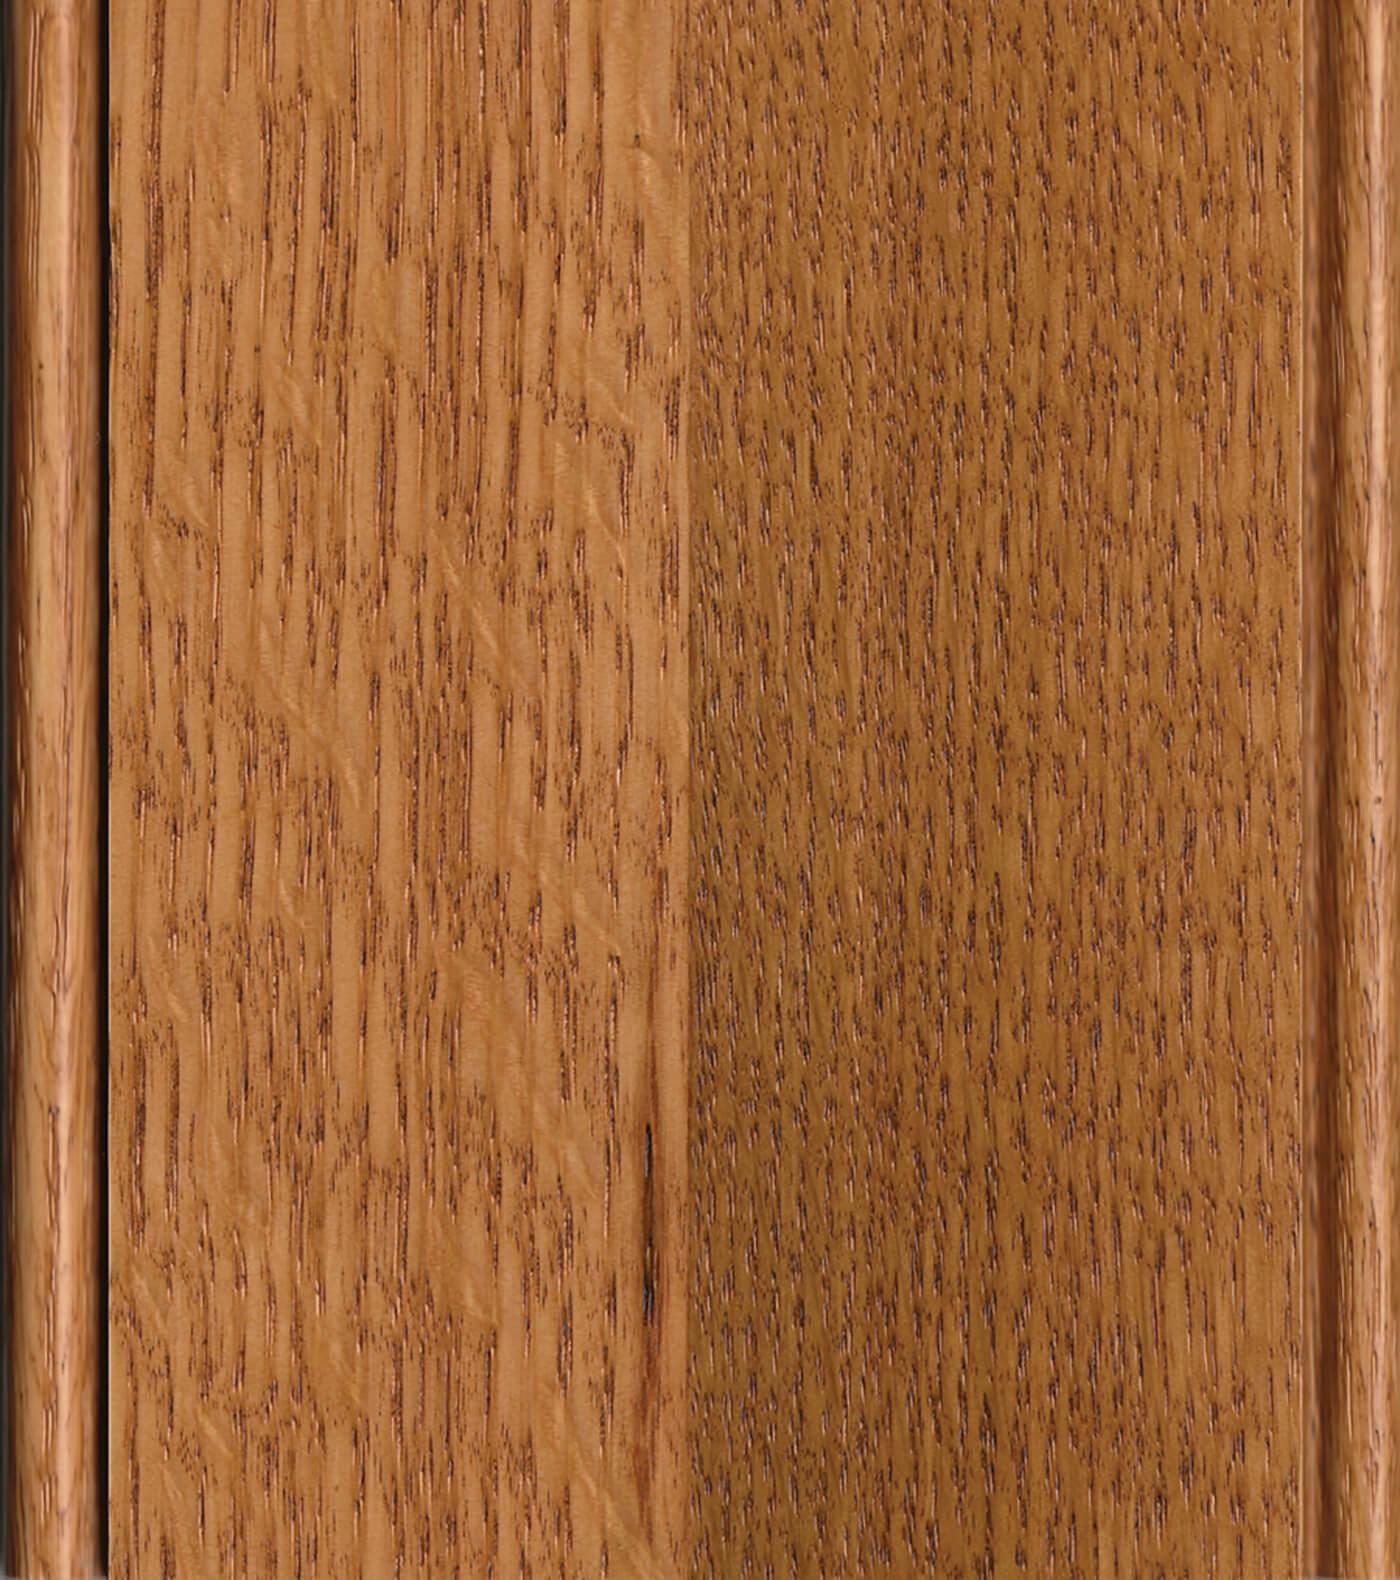 Butternut Stain on Red Oak or Quarter-Sawn Red Oak